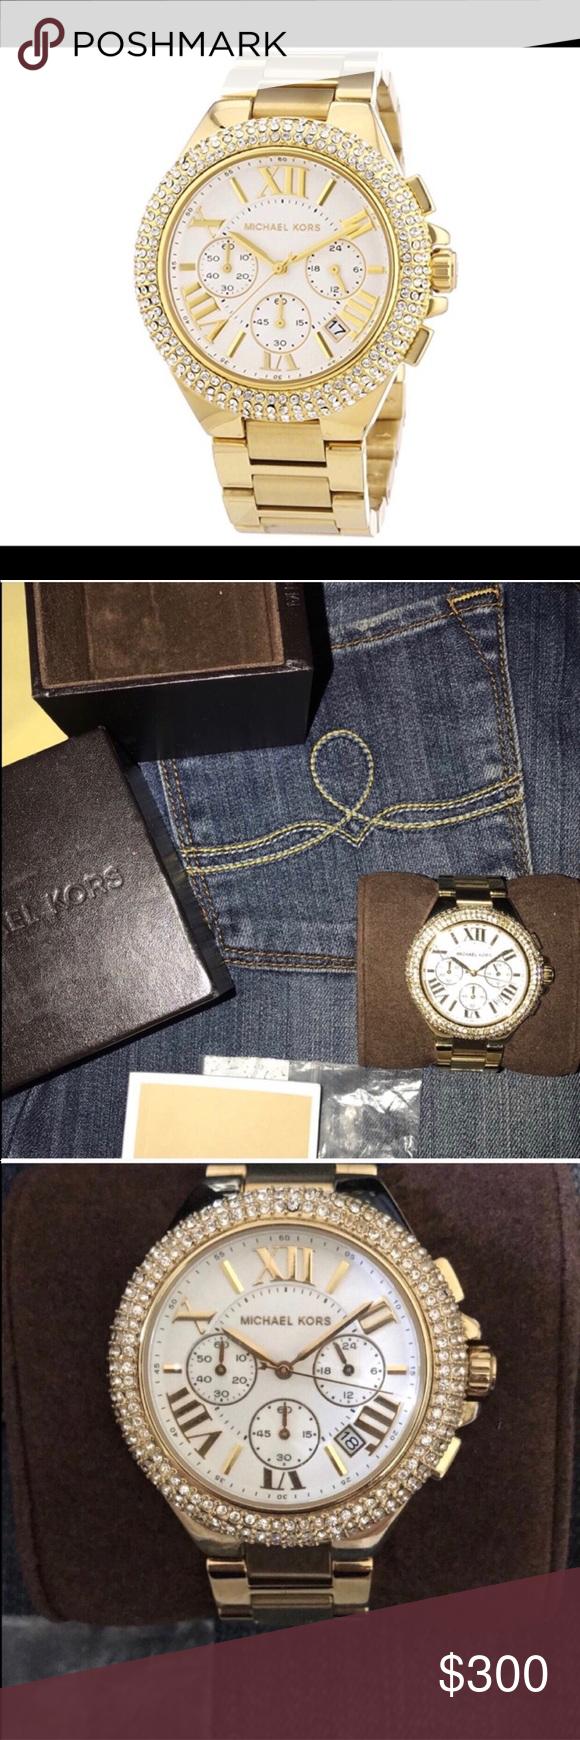 d770a2576b22 Michael Kors MK5756 Women s Camille Gold Watch ✨ Pre Loved Michael Kors  MK5756 Women s Camille Gold